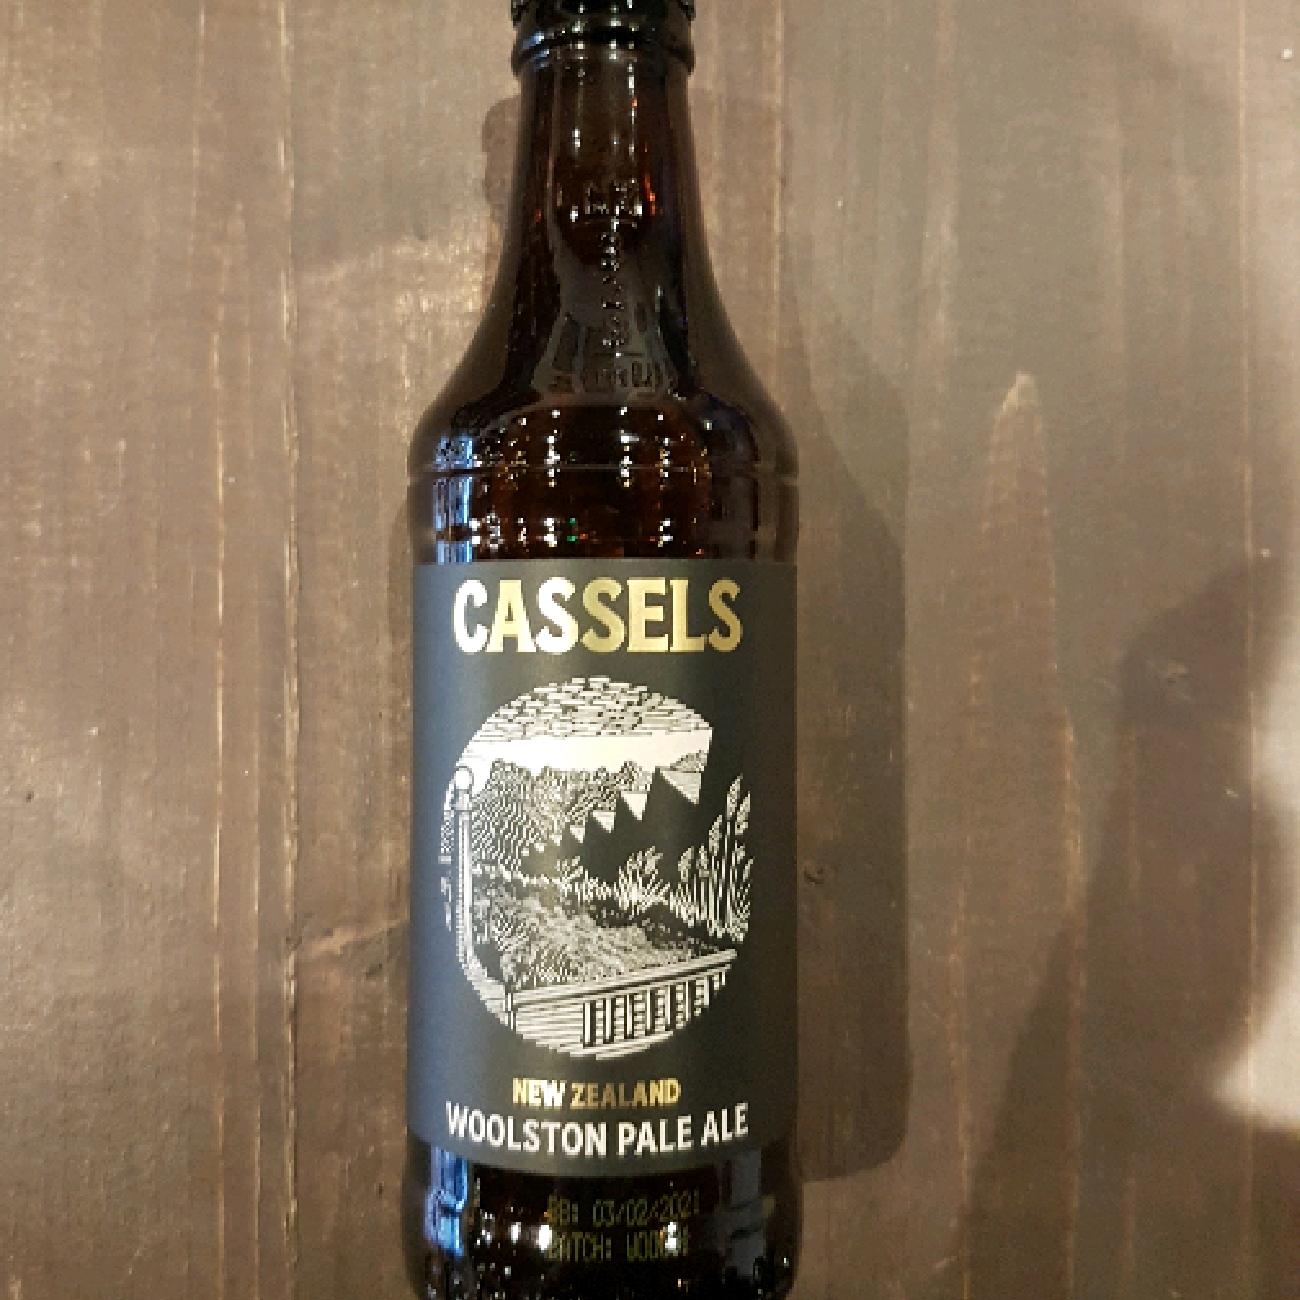 Cassels Woolston Pale